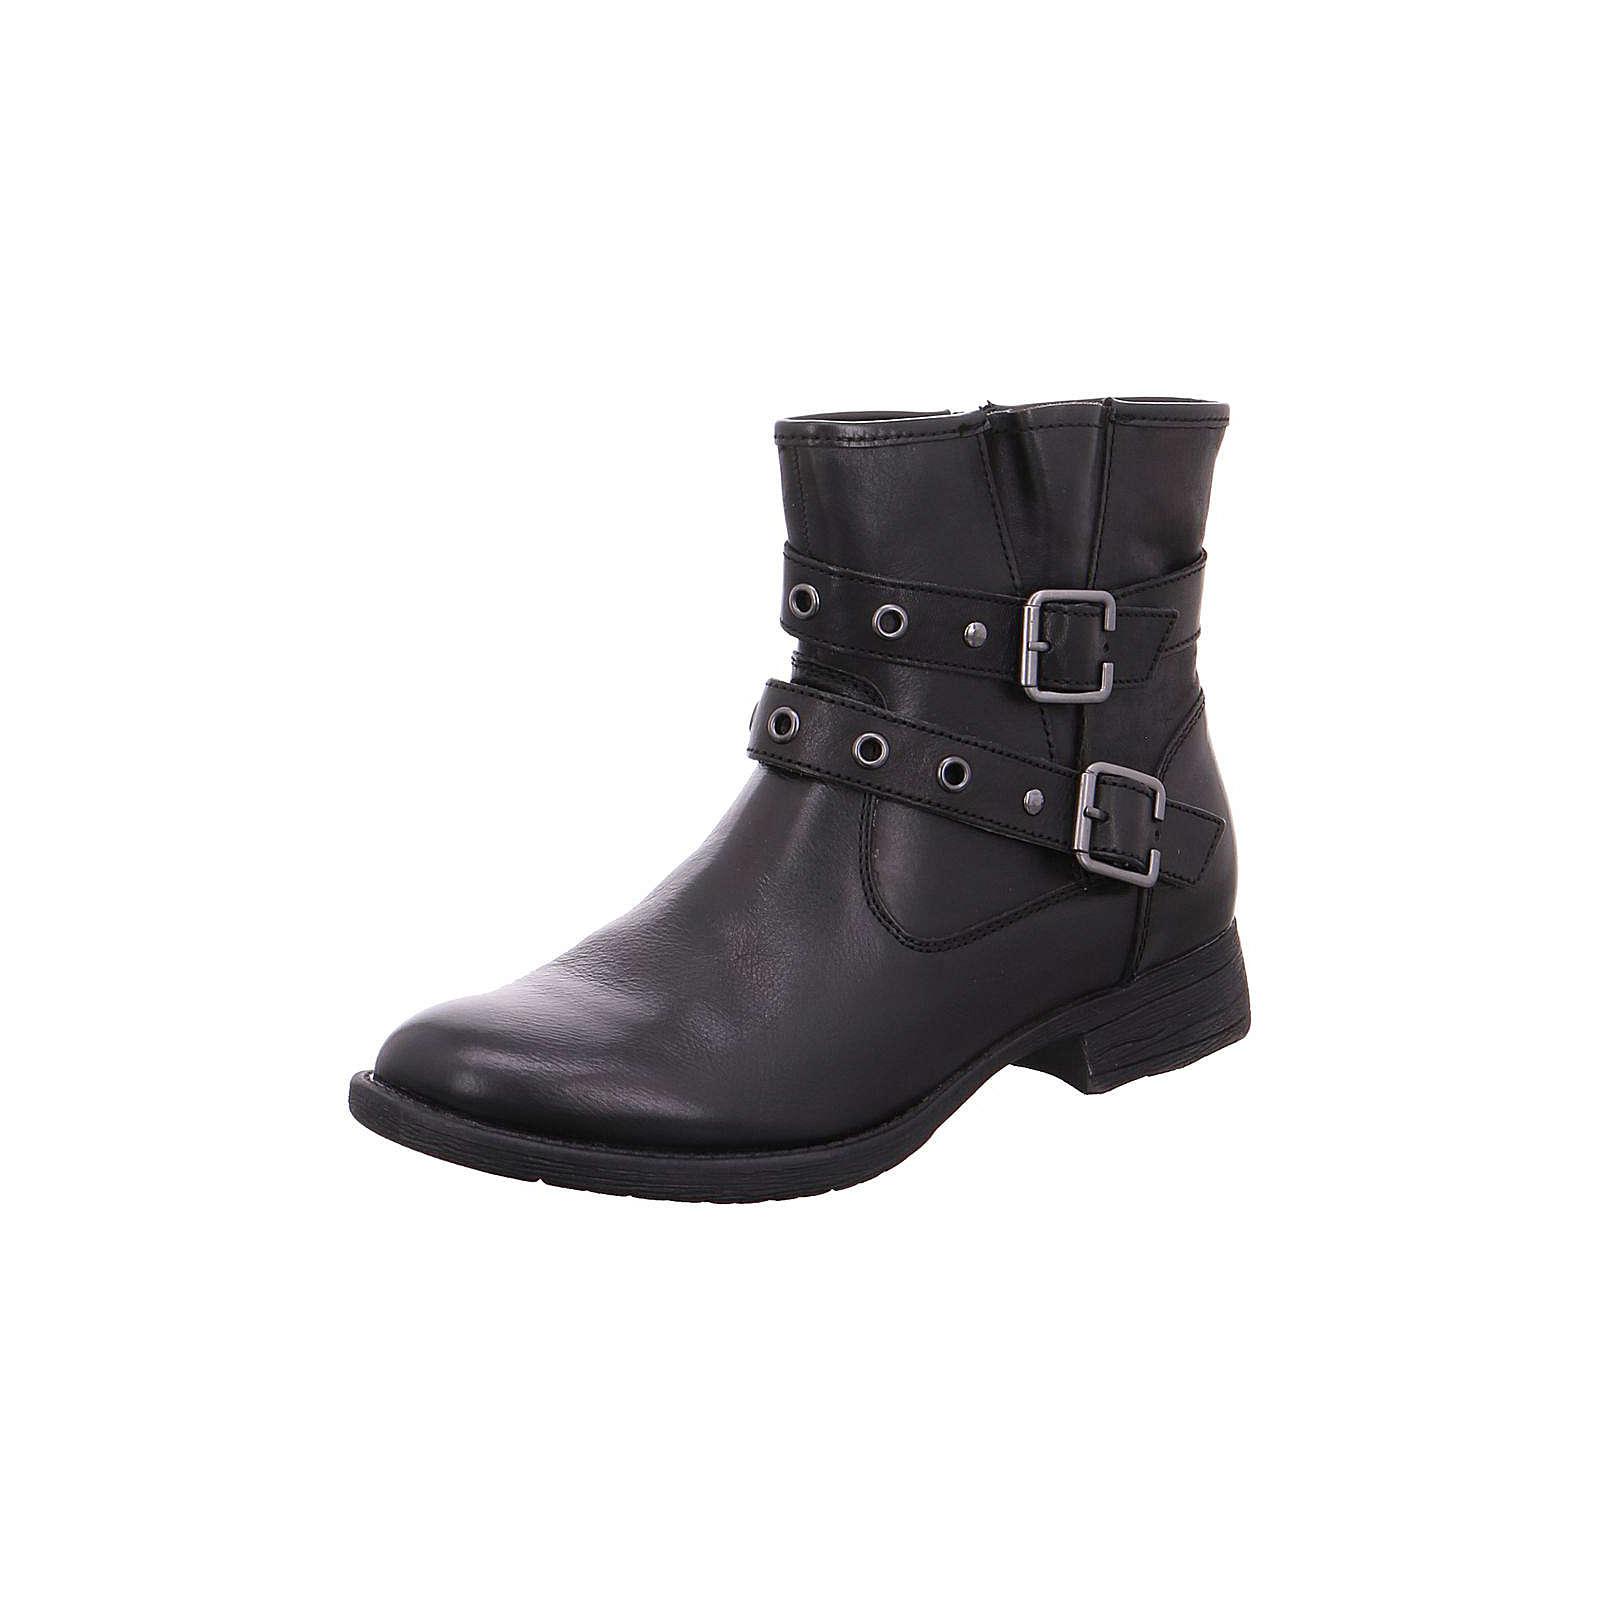 Jana Biker Boots schwarz Damen Gr. 37